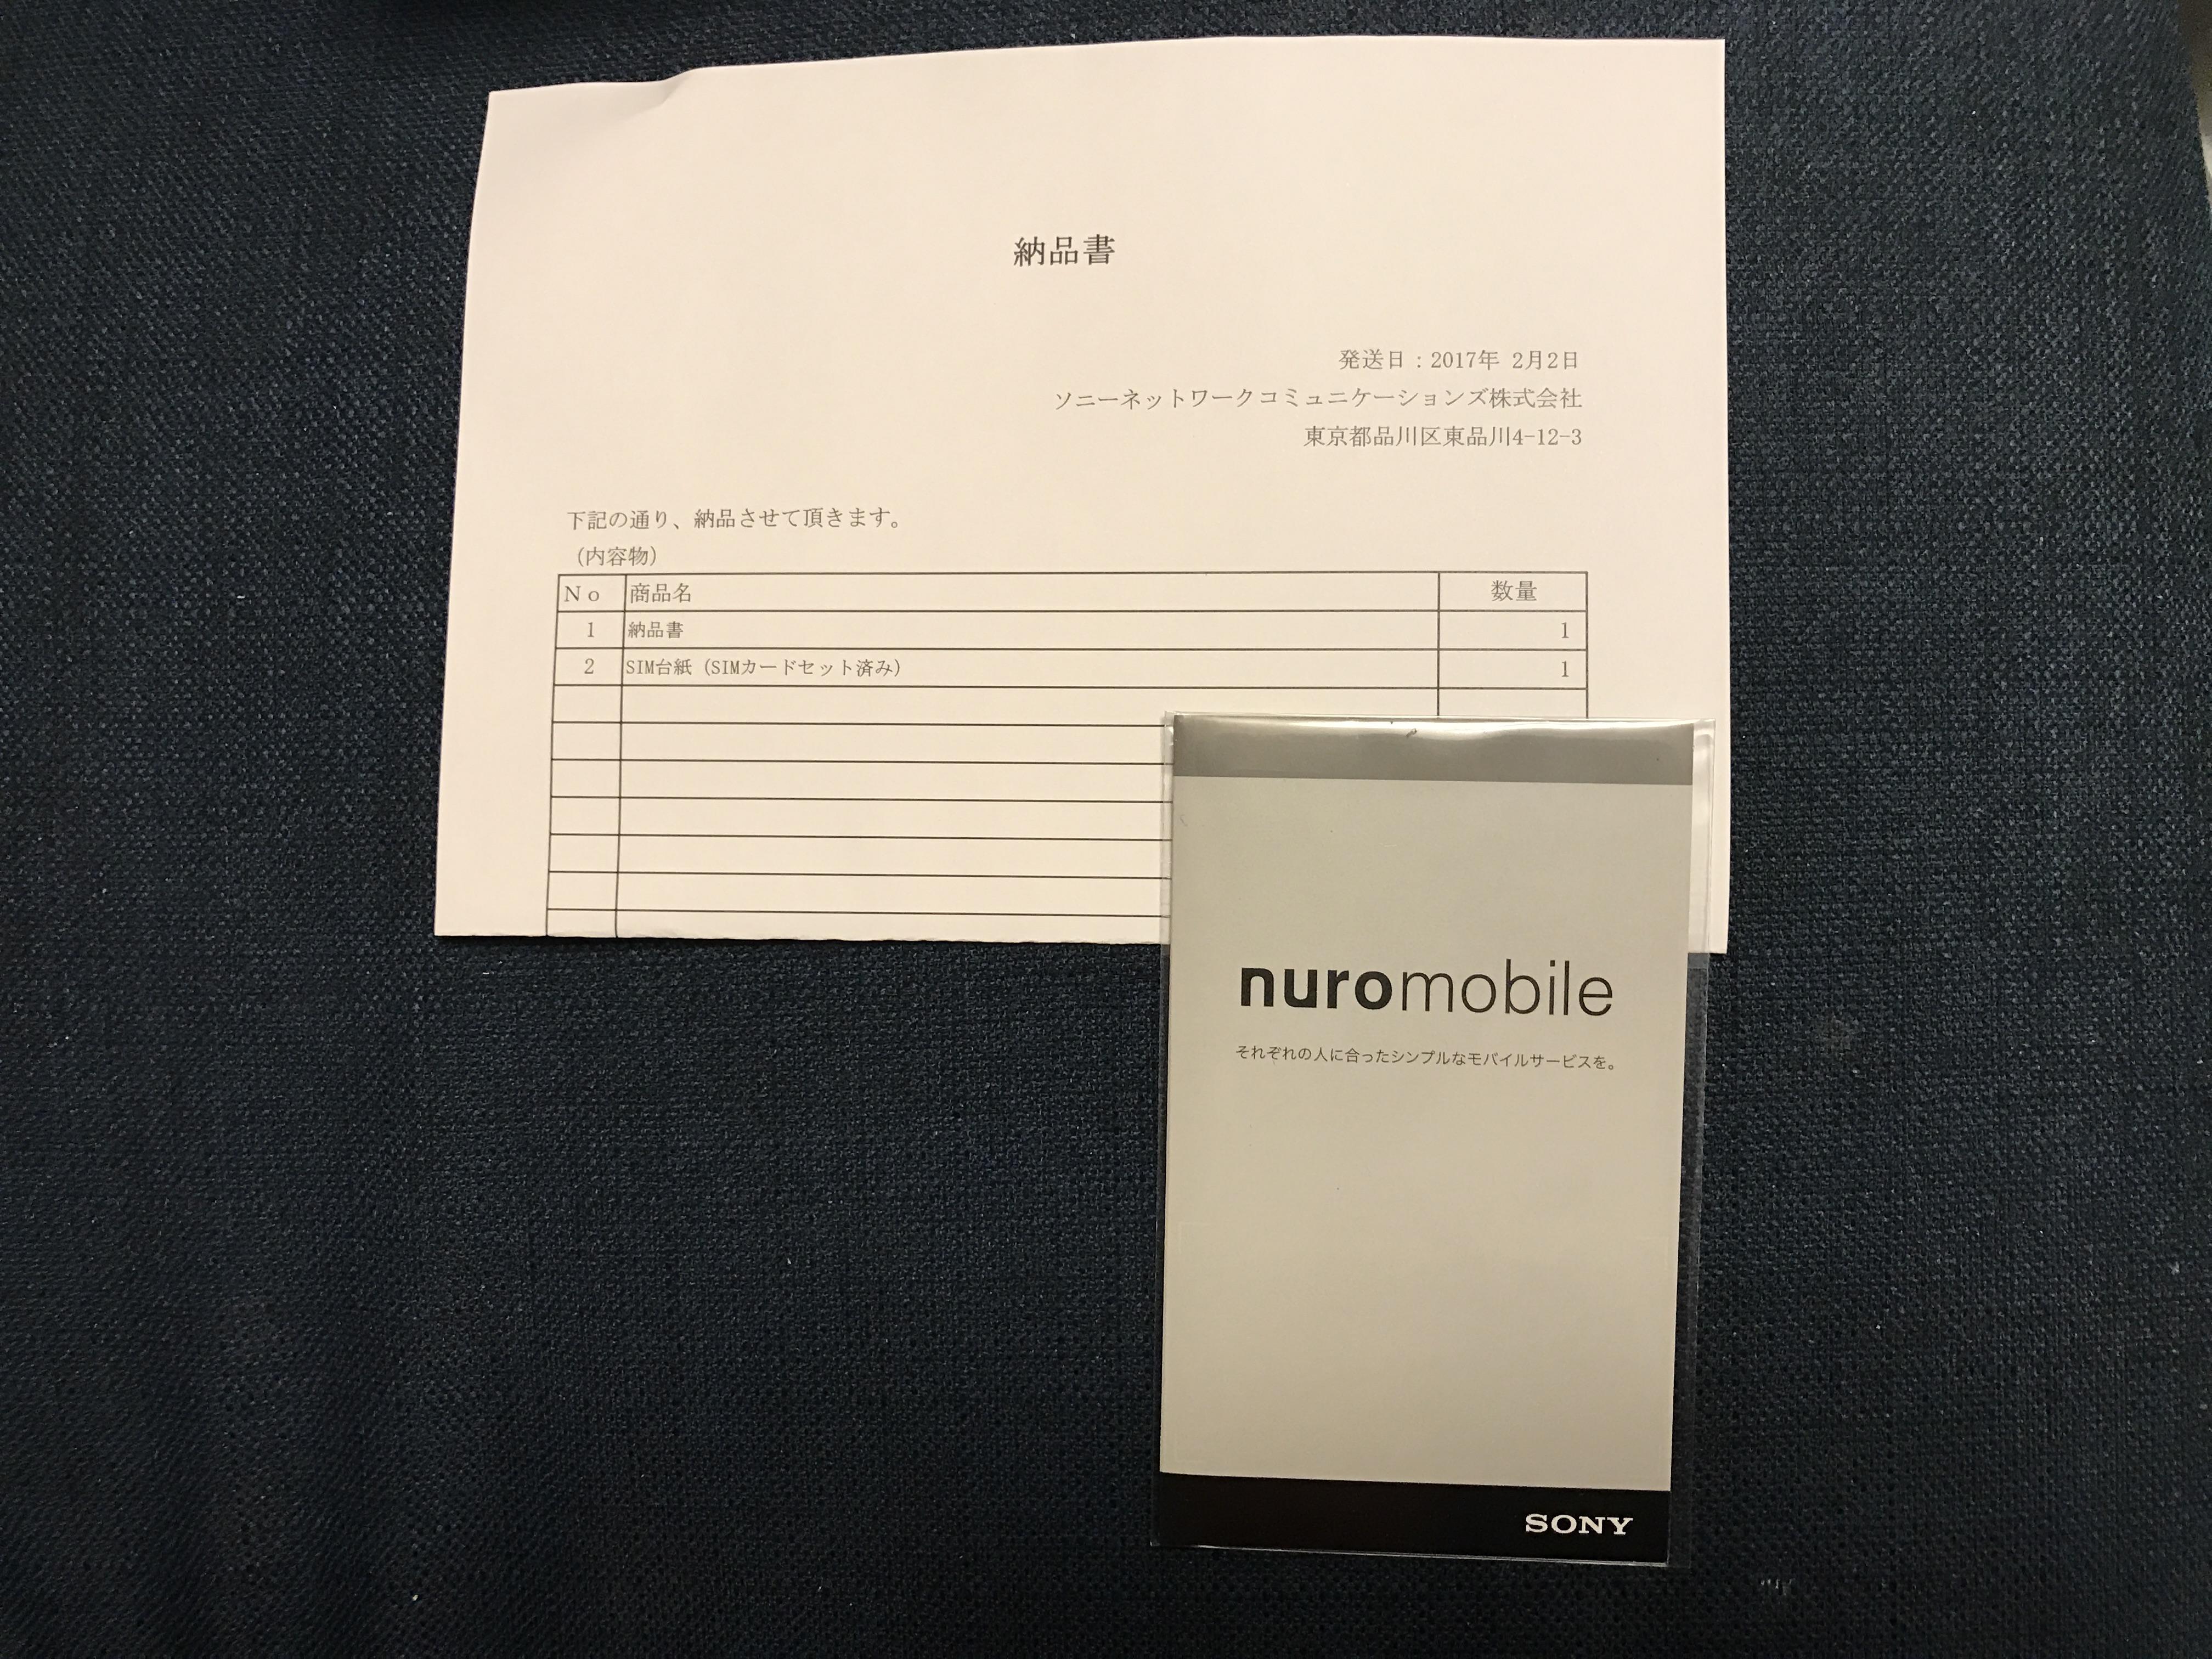 nuroモバイルの一日5時間まで高速通信が使える「時間プラン」を契約してみた